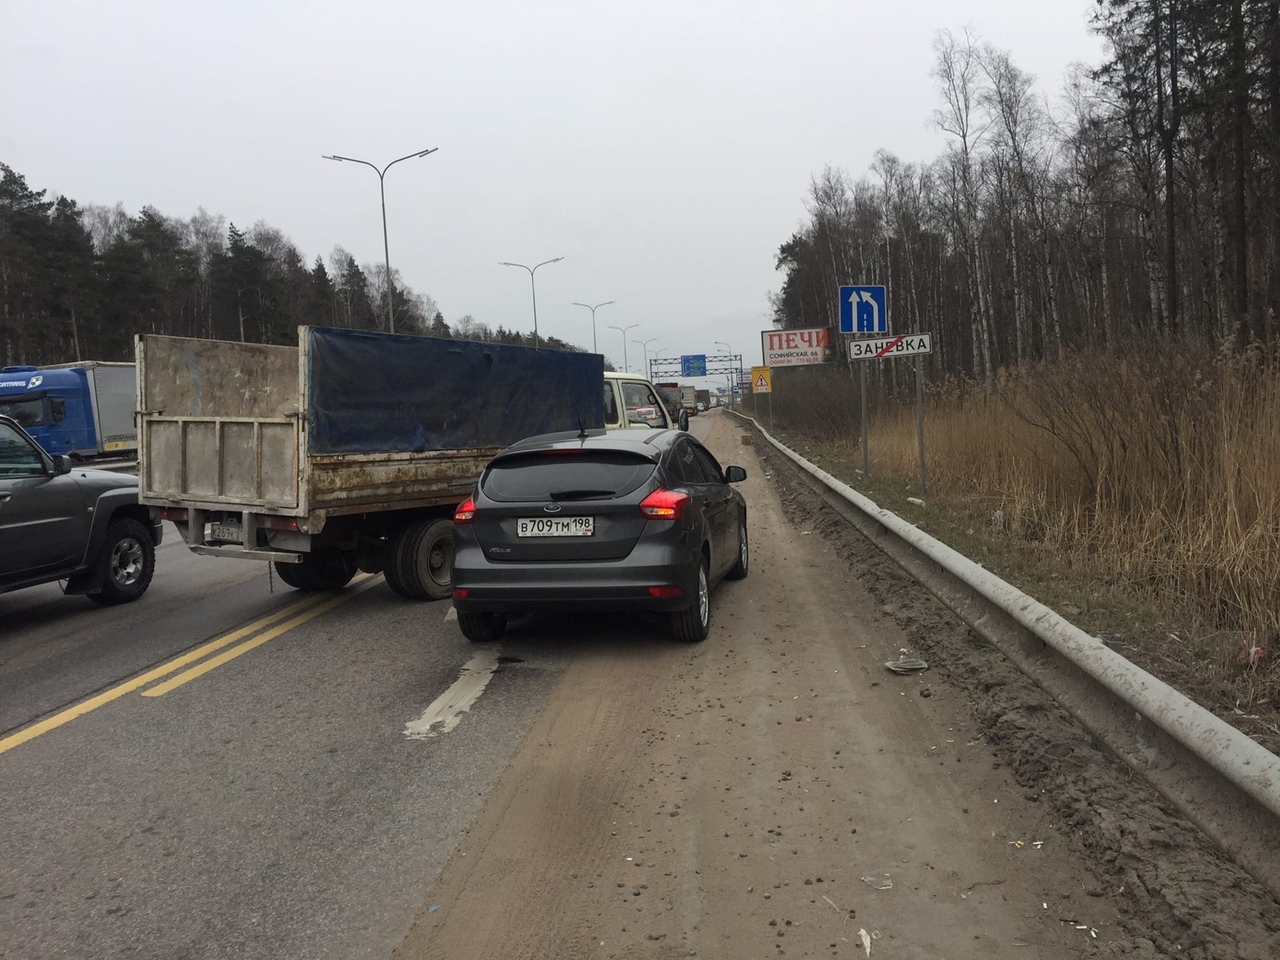 BAW оторвал бампер Фокусу в Заневке, на выезде из города. Ждём гибдд 4 часа